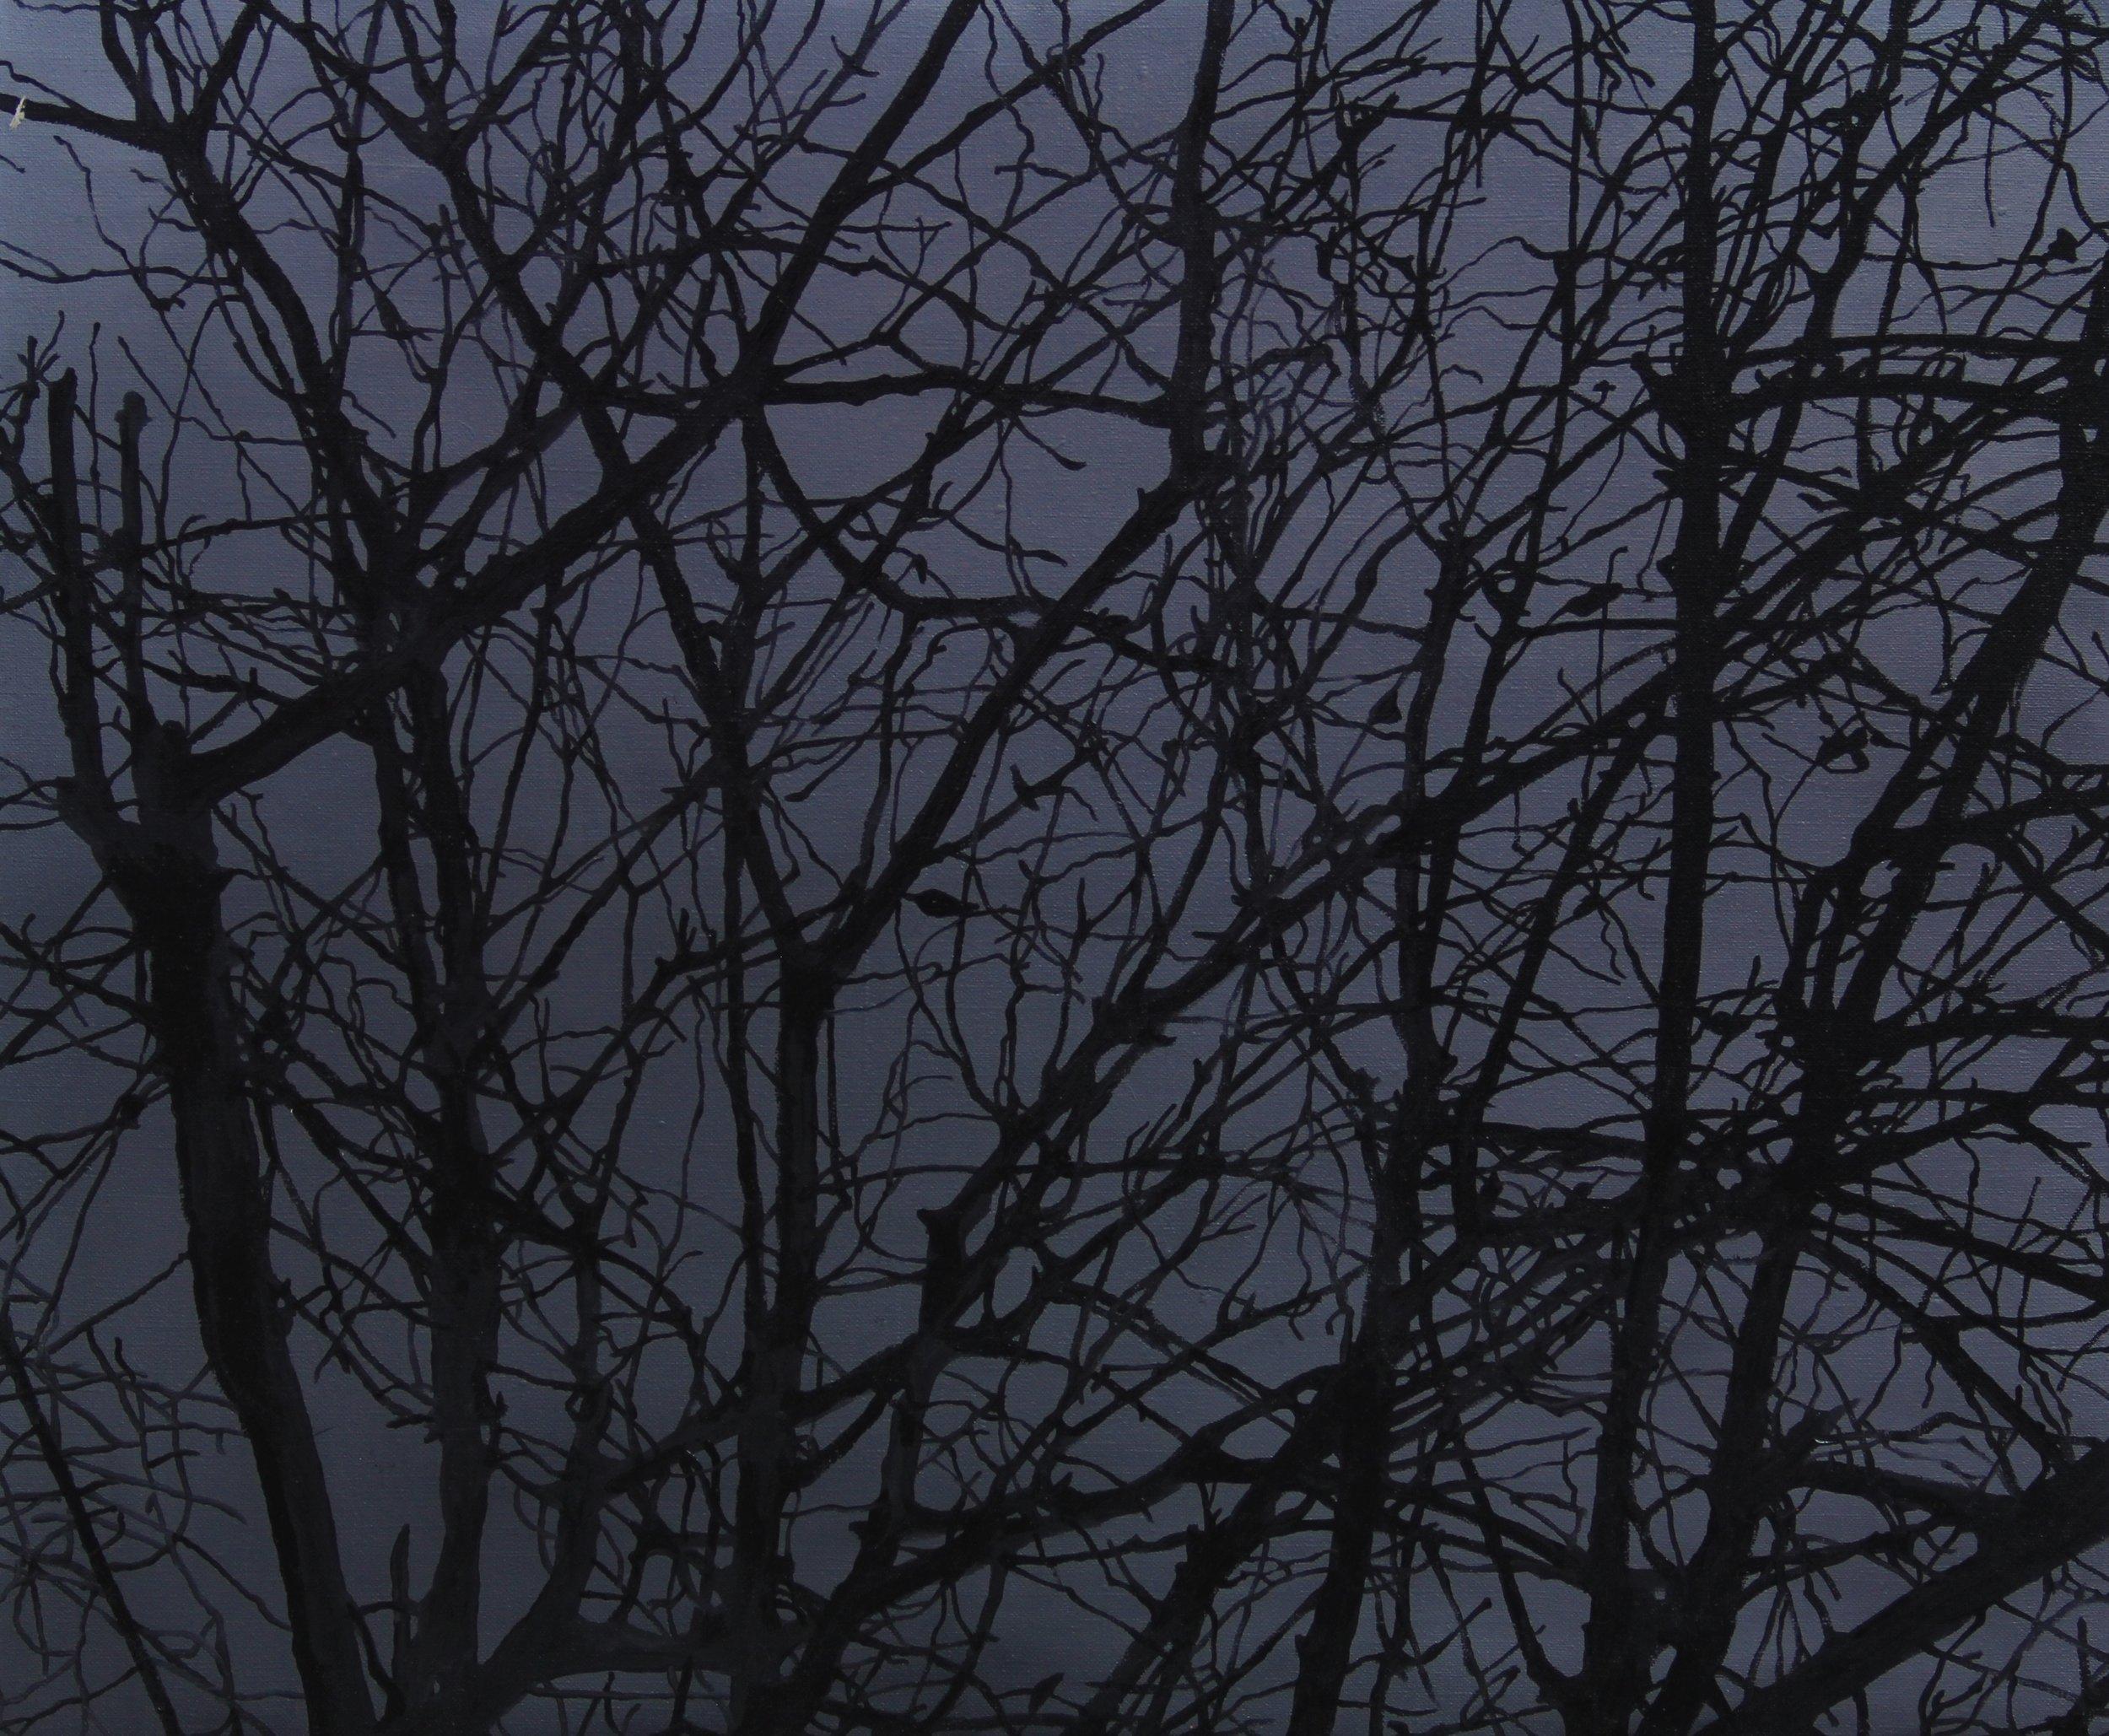 Trees,2012,50cm x 60cm, Oil on canvas.jpg